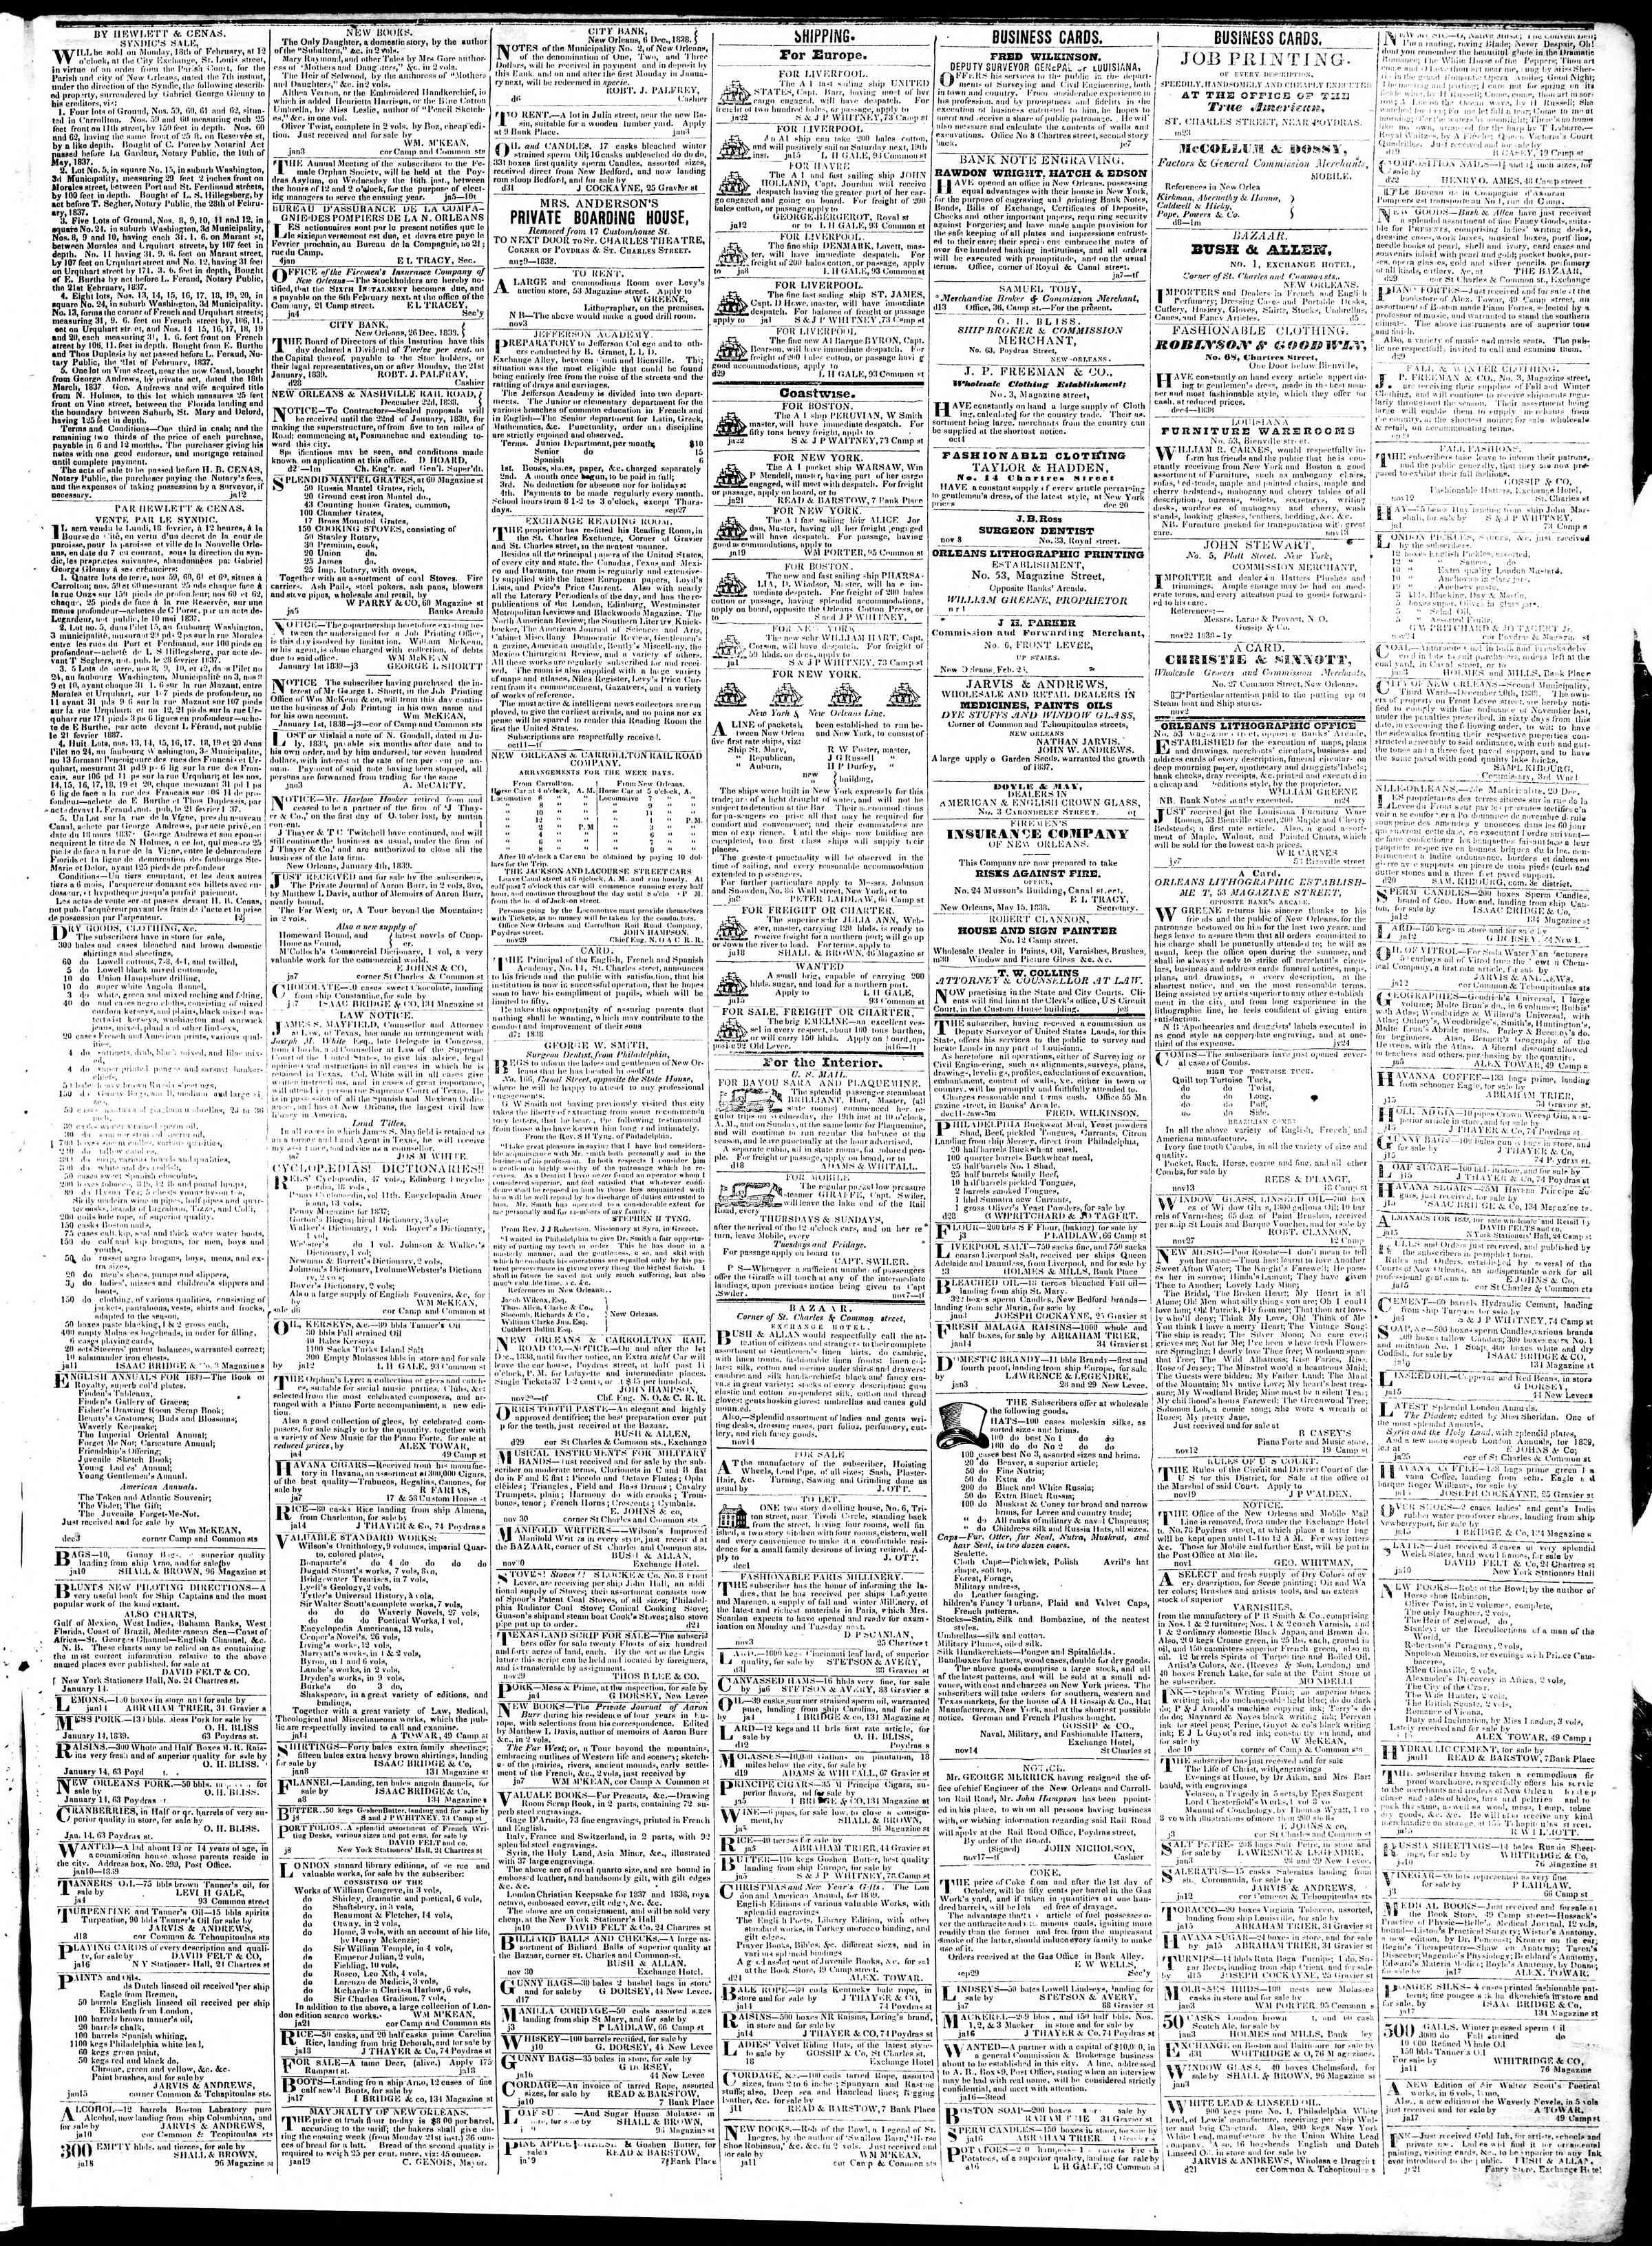 25 Ocak 1839 Tarihli True American Gazetesi Sayfa 3